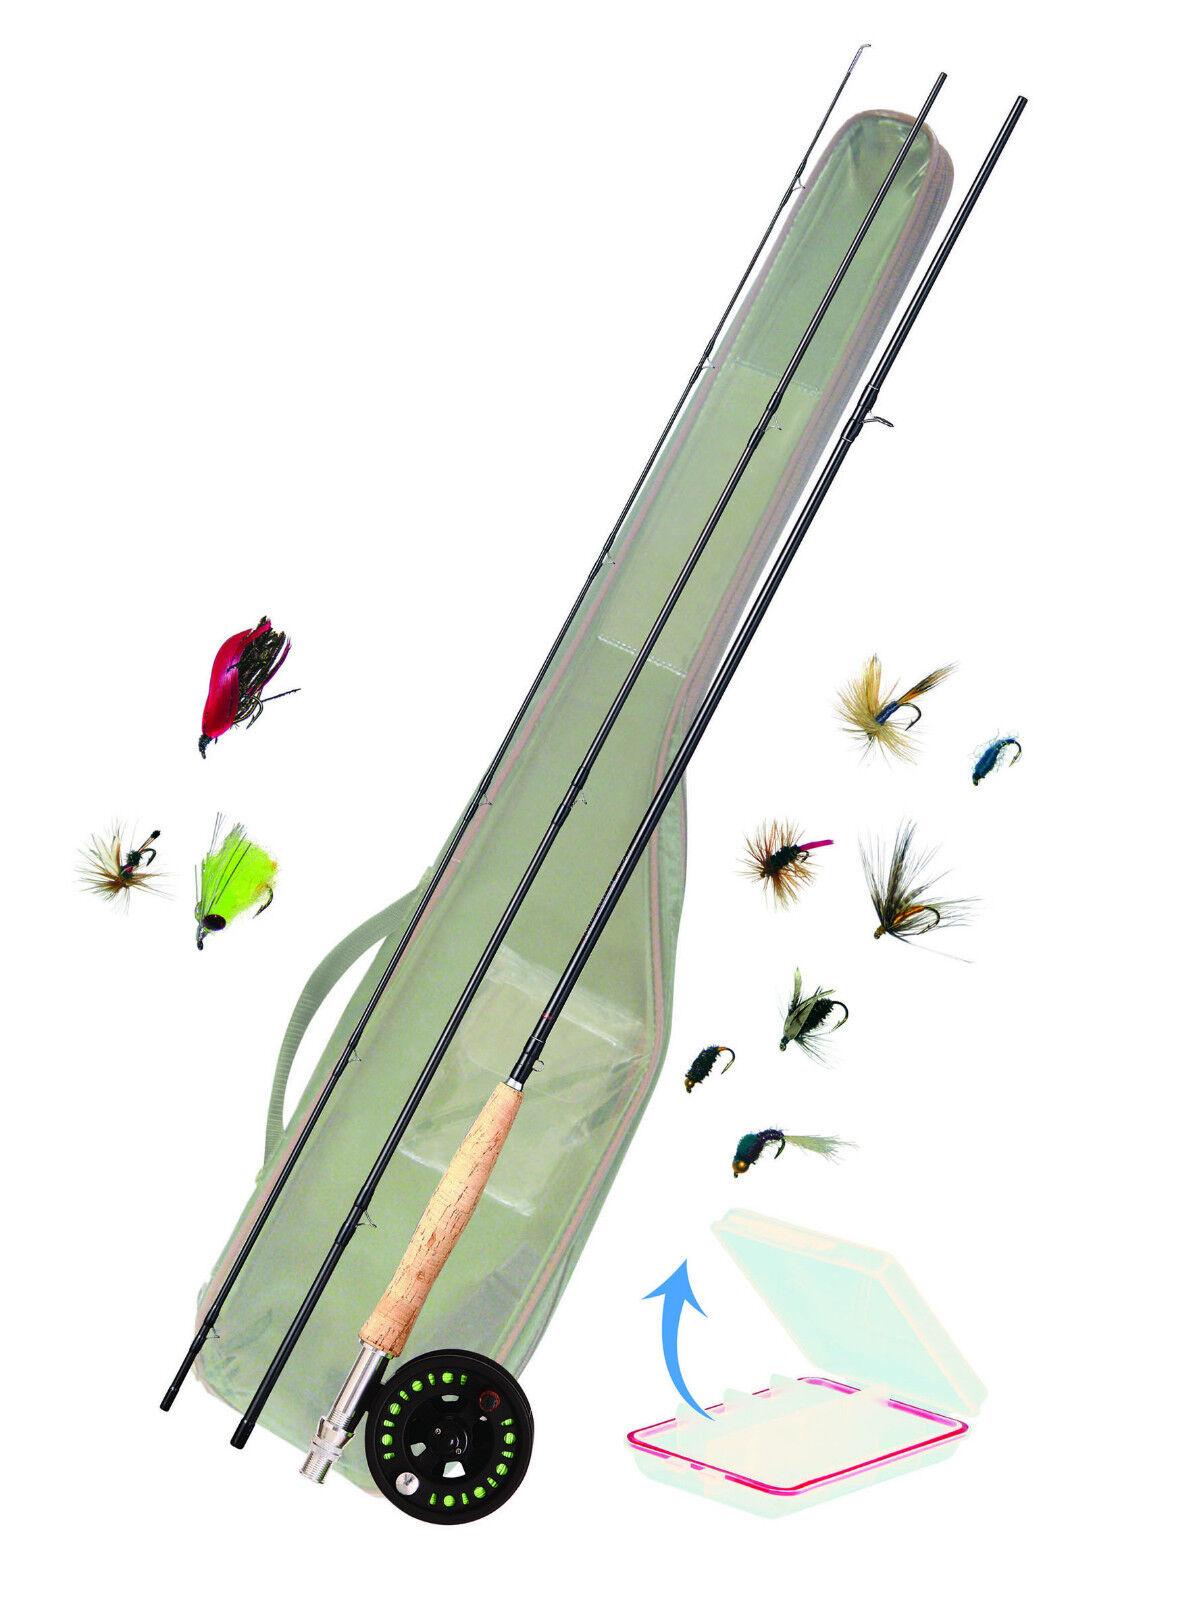 Fliegenfischen Fliegen-Komplettset AFTMA 6/7  Deluxe mit Großkernfliegenrolle